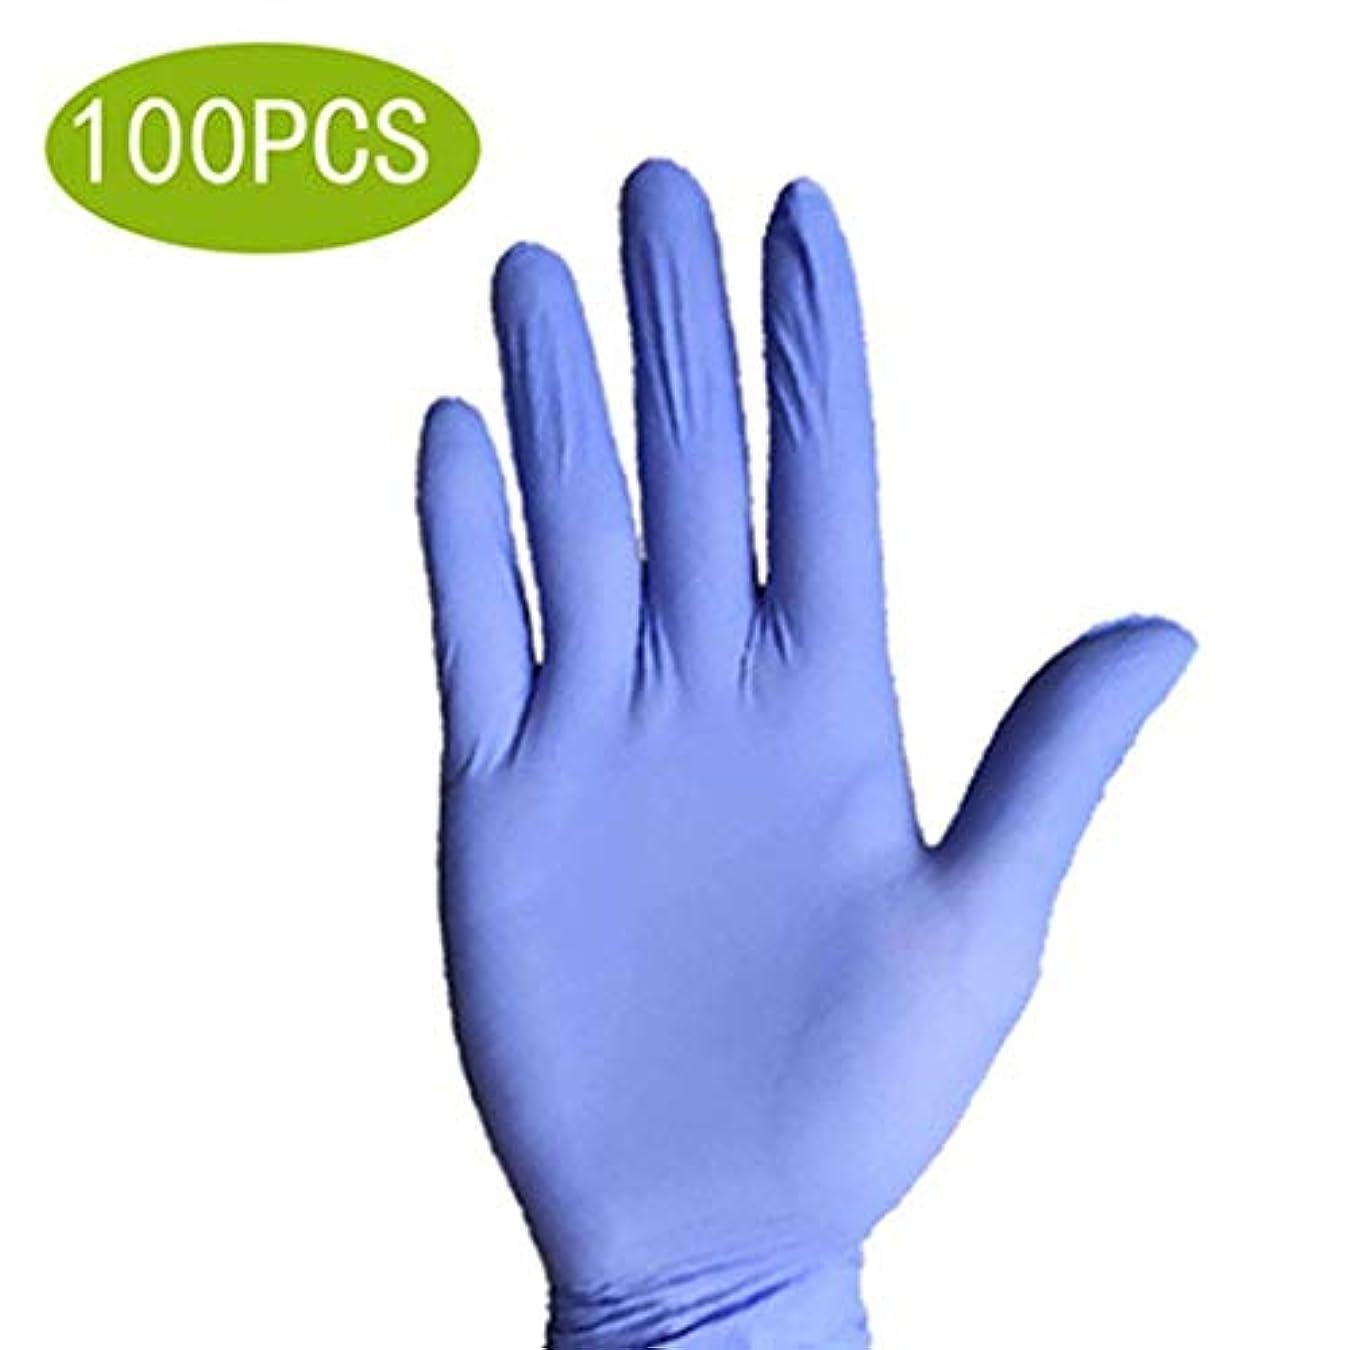 論争の的類人猿メリー保護用使い捨てニトリル医療用手袋、ラテックスフリー、試験グレードの手袋、テクスチャード加工、両性、非滅菌、100個入り (Size : S)